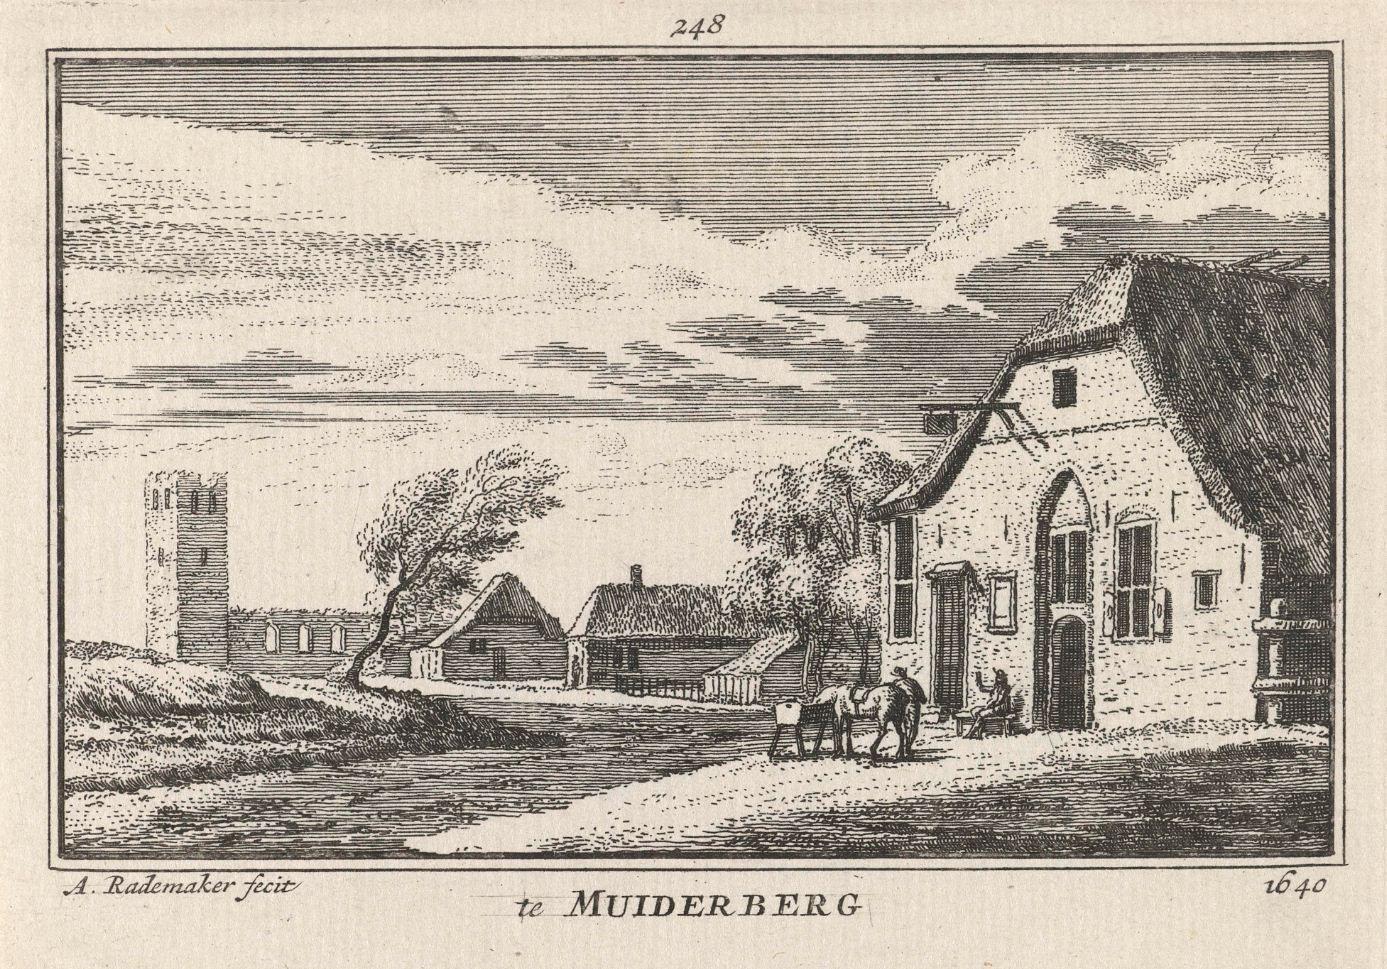 Landschap Muiderberg 1640